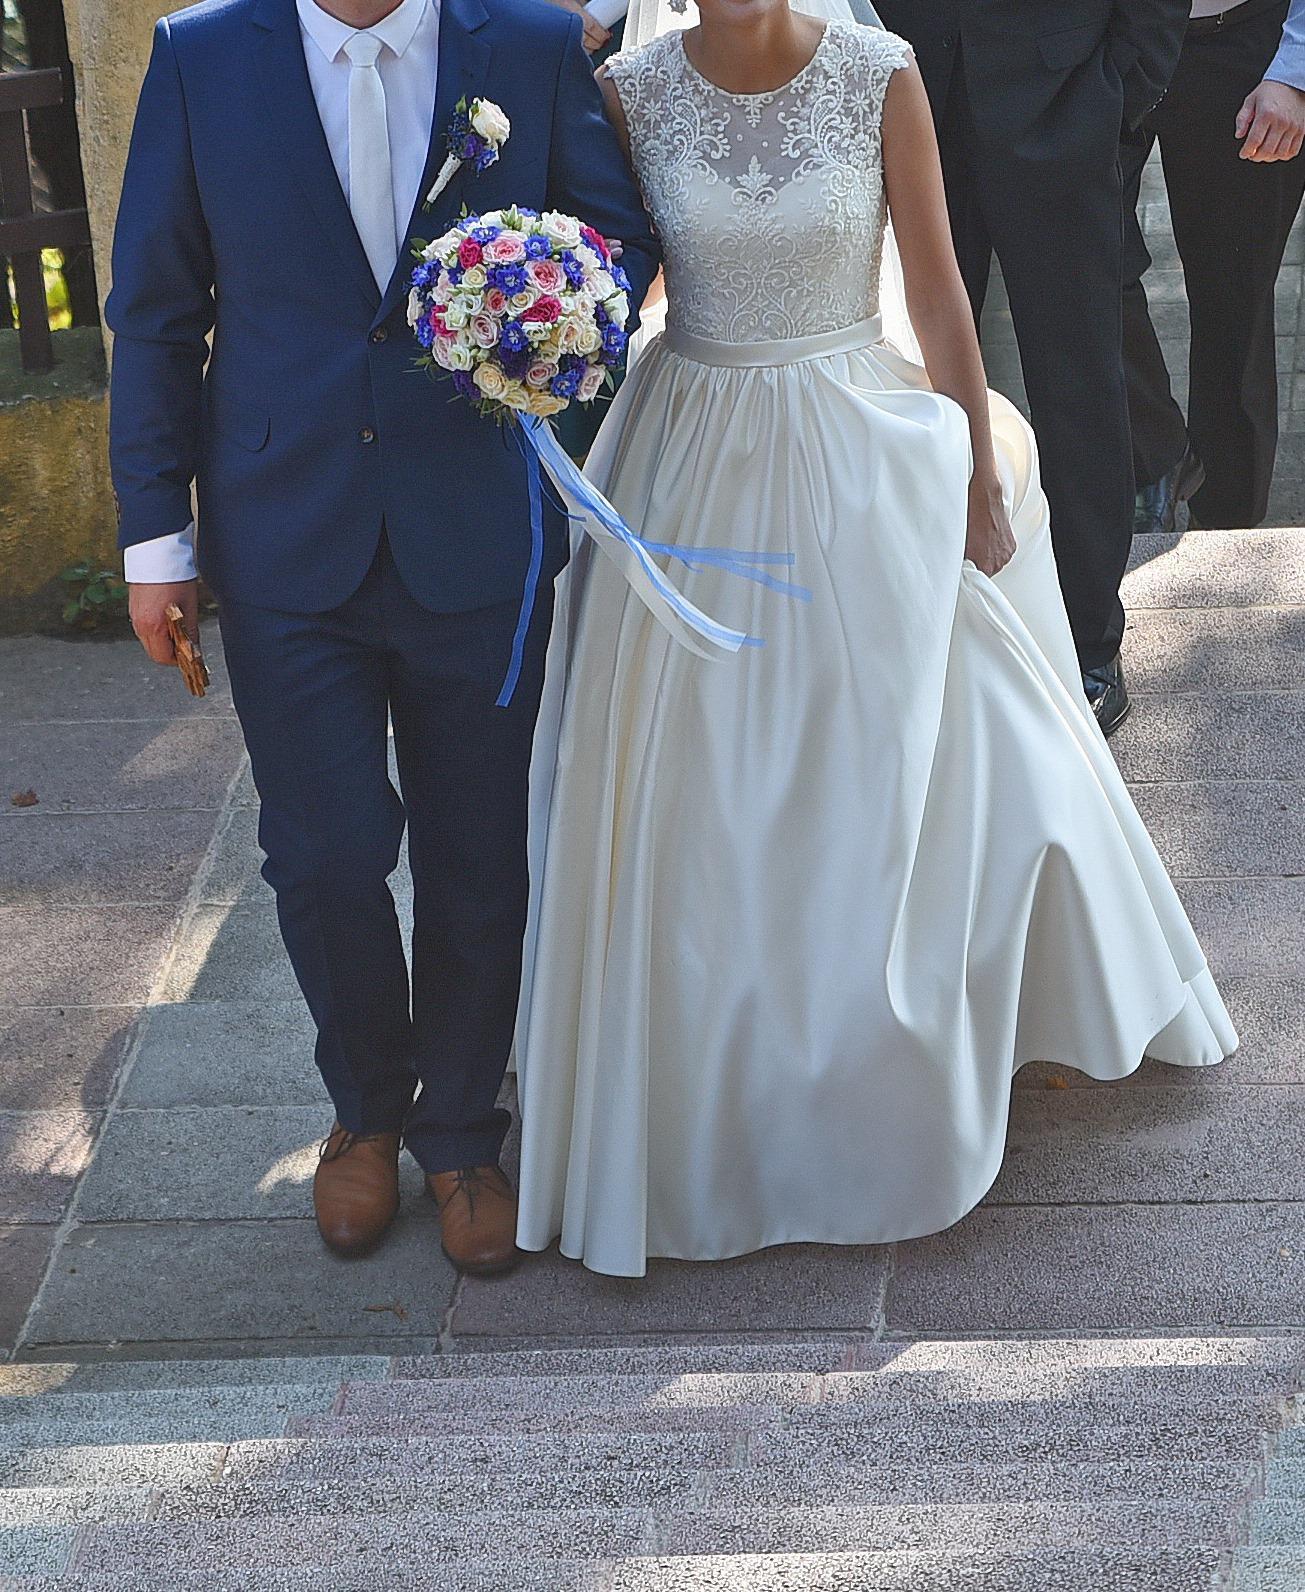 Čipkované svadobné šaty šité na mieru - Obrázok č. 1